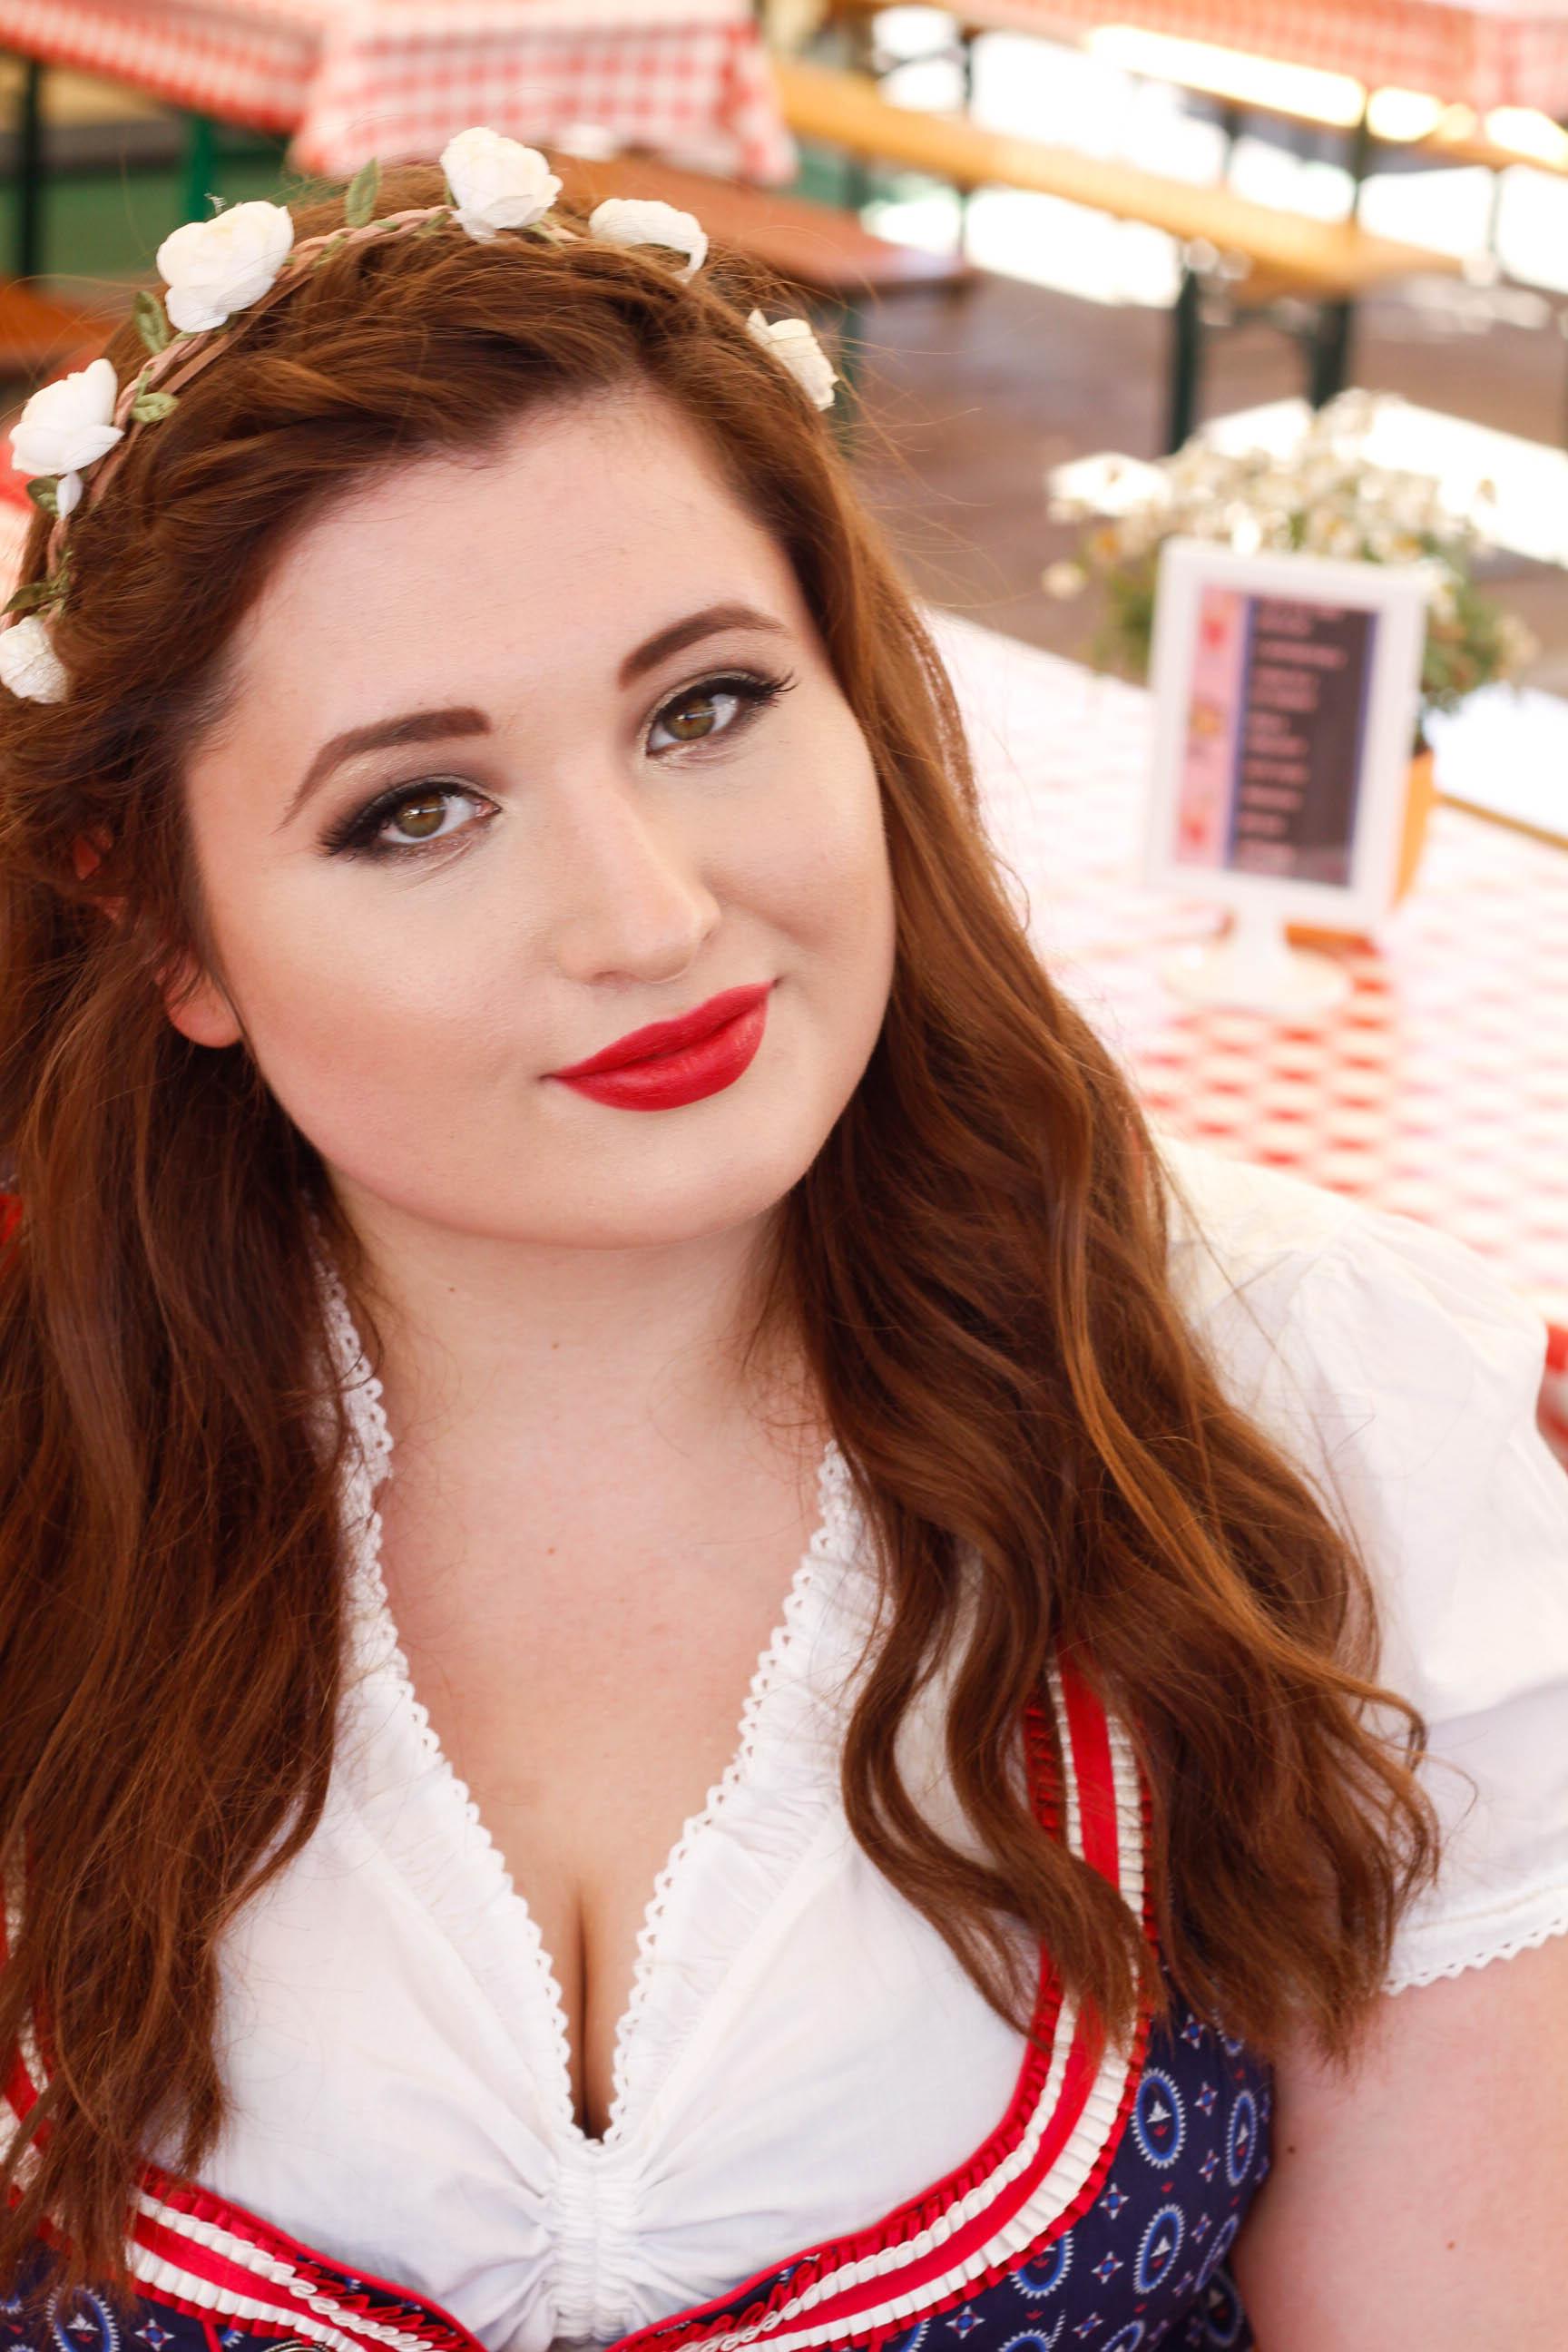 Junge kurvige Frau vor einer Holzhütte im Oktoberfest Outfit. Plus Size Look. Flechtfrisur mit Rosen.